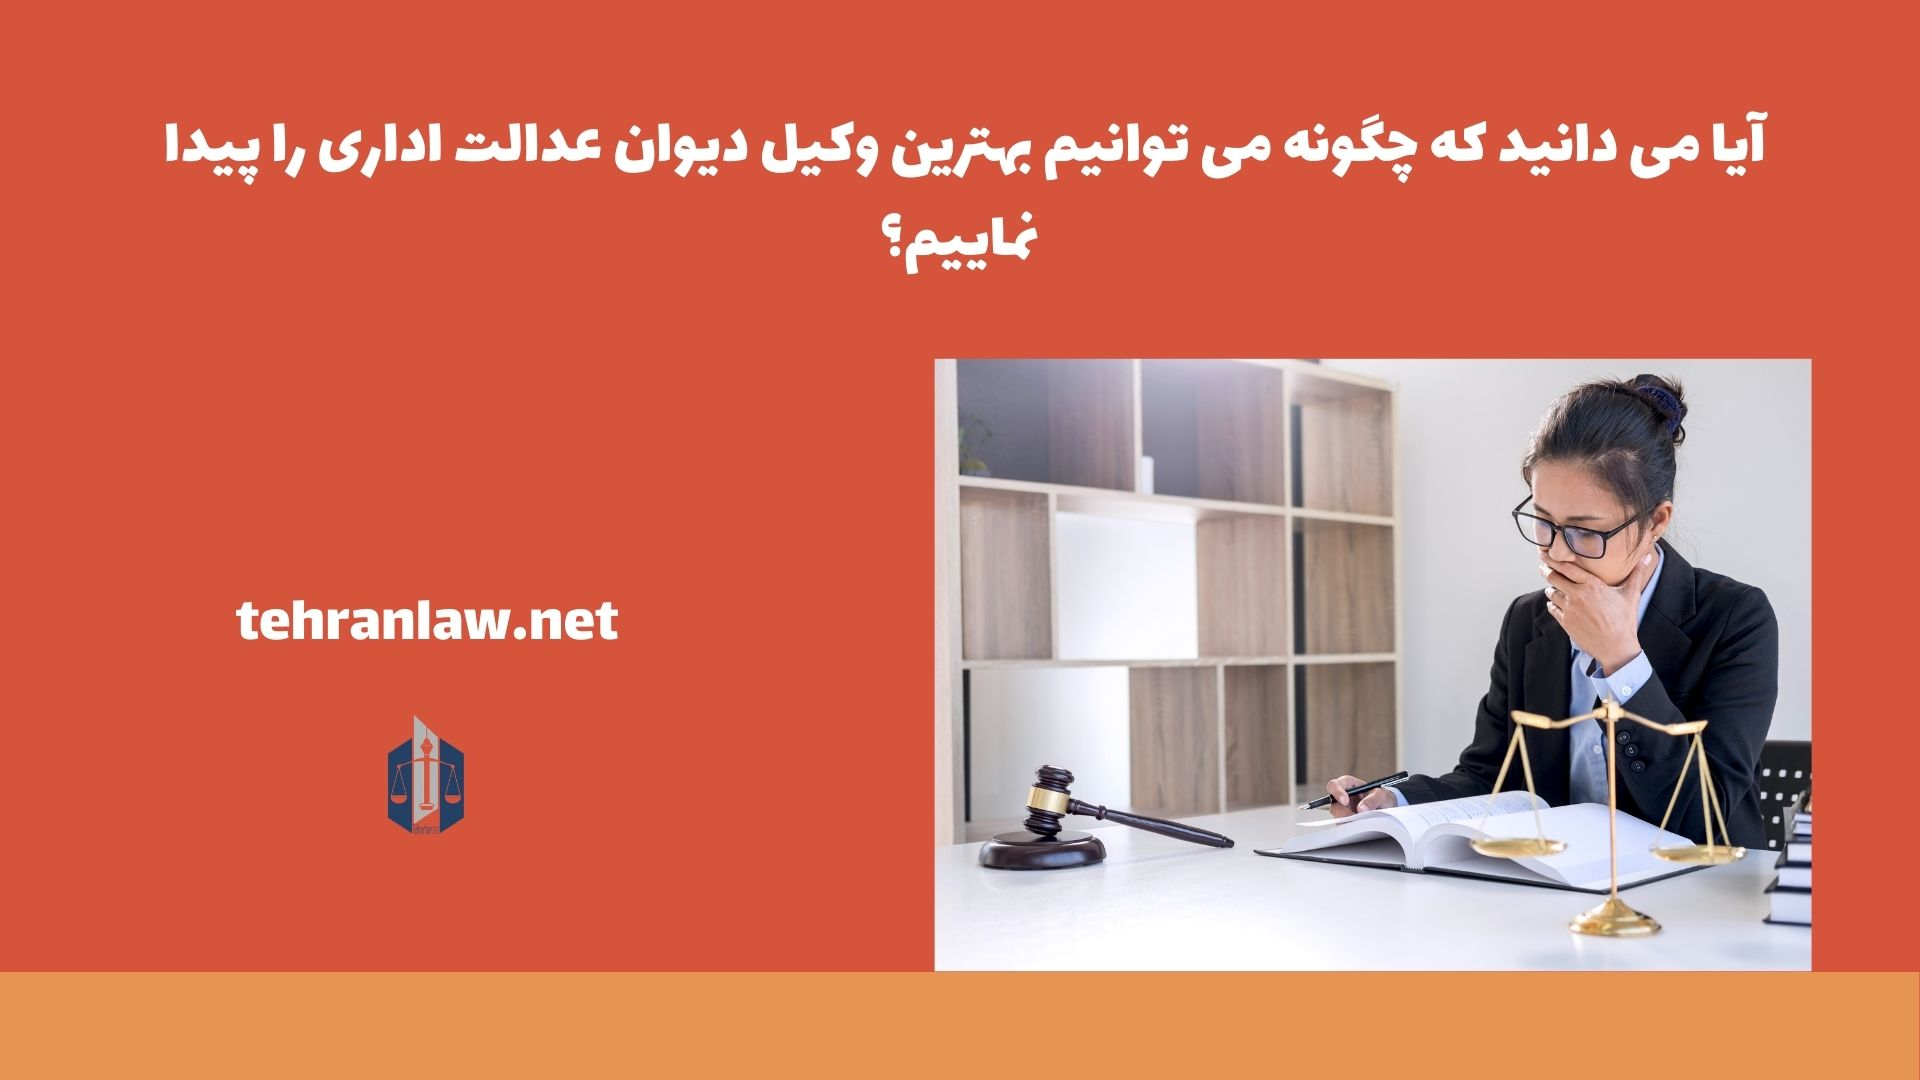 آیا می دانید که چگونه می توانیم بهترین وکیل دیوان عدالت اداری را پیدا نماییم؟